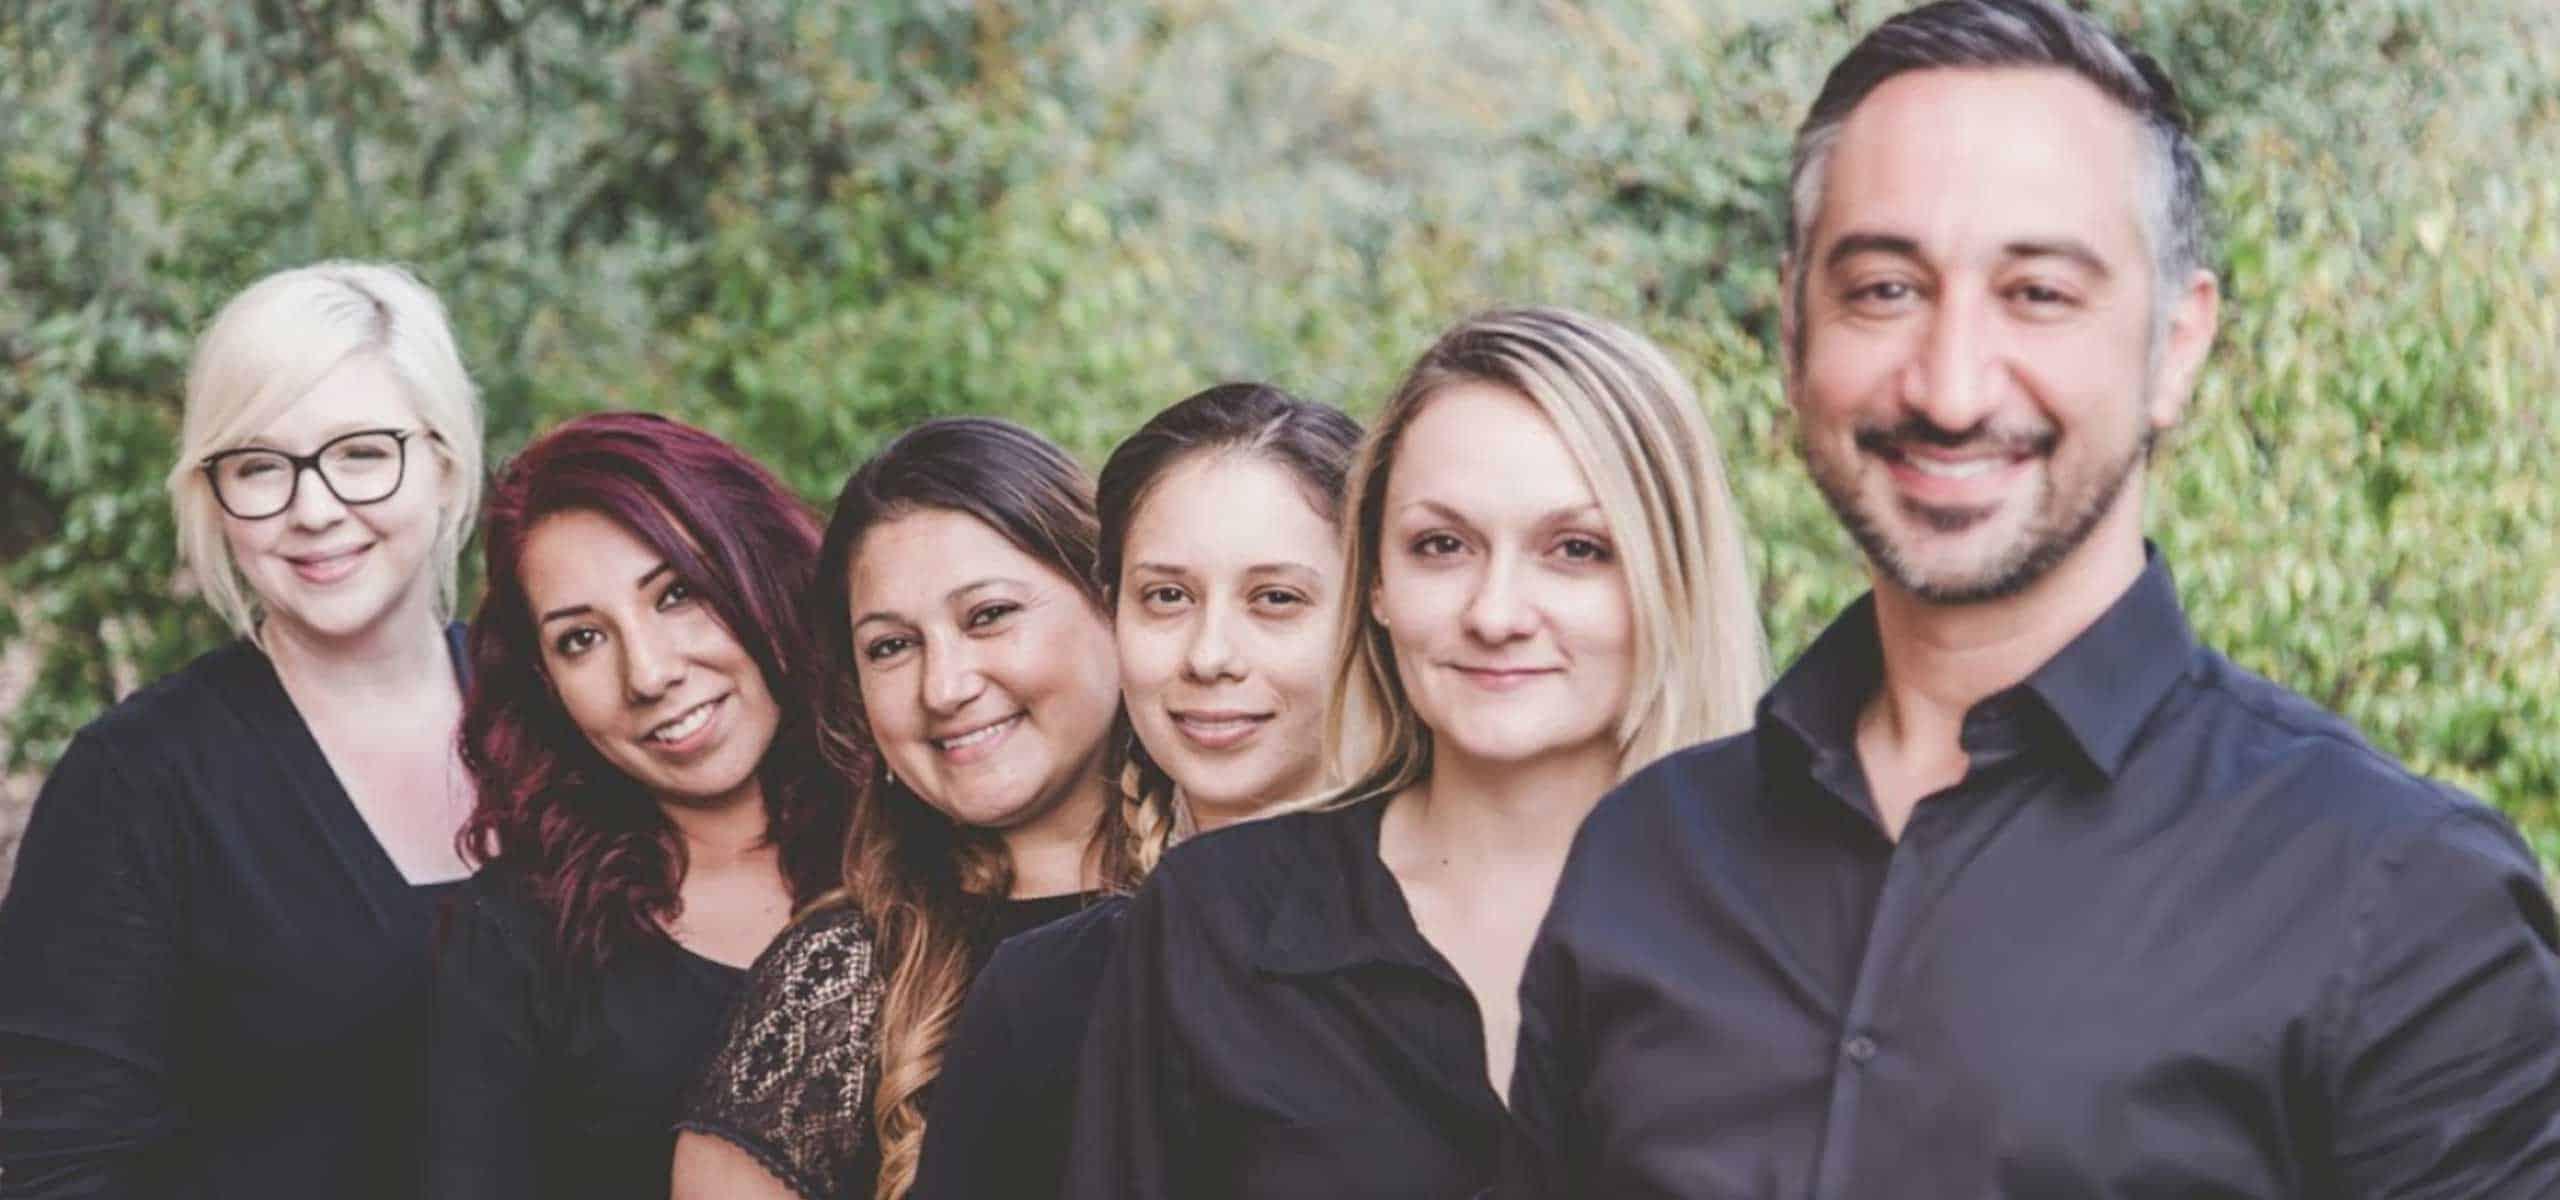 Salmassian Orthodontics Team